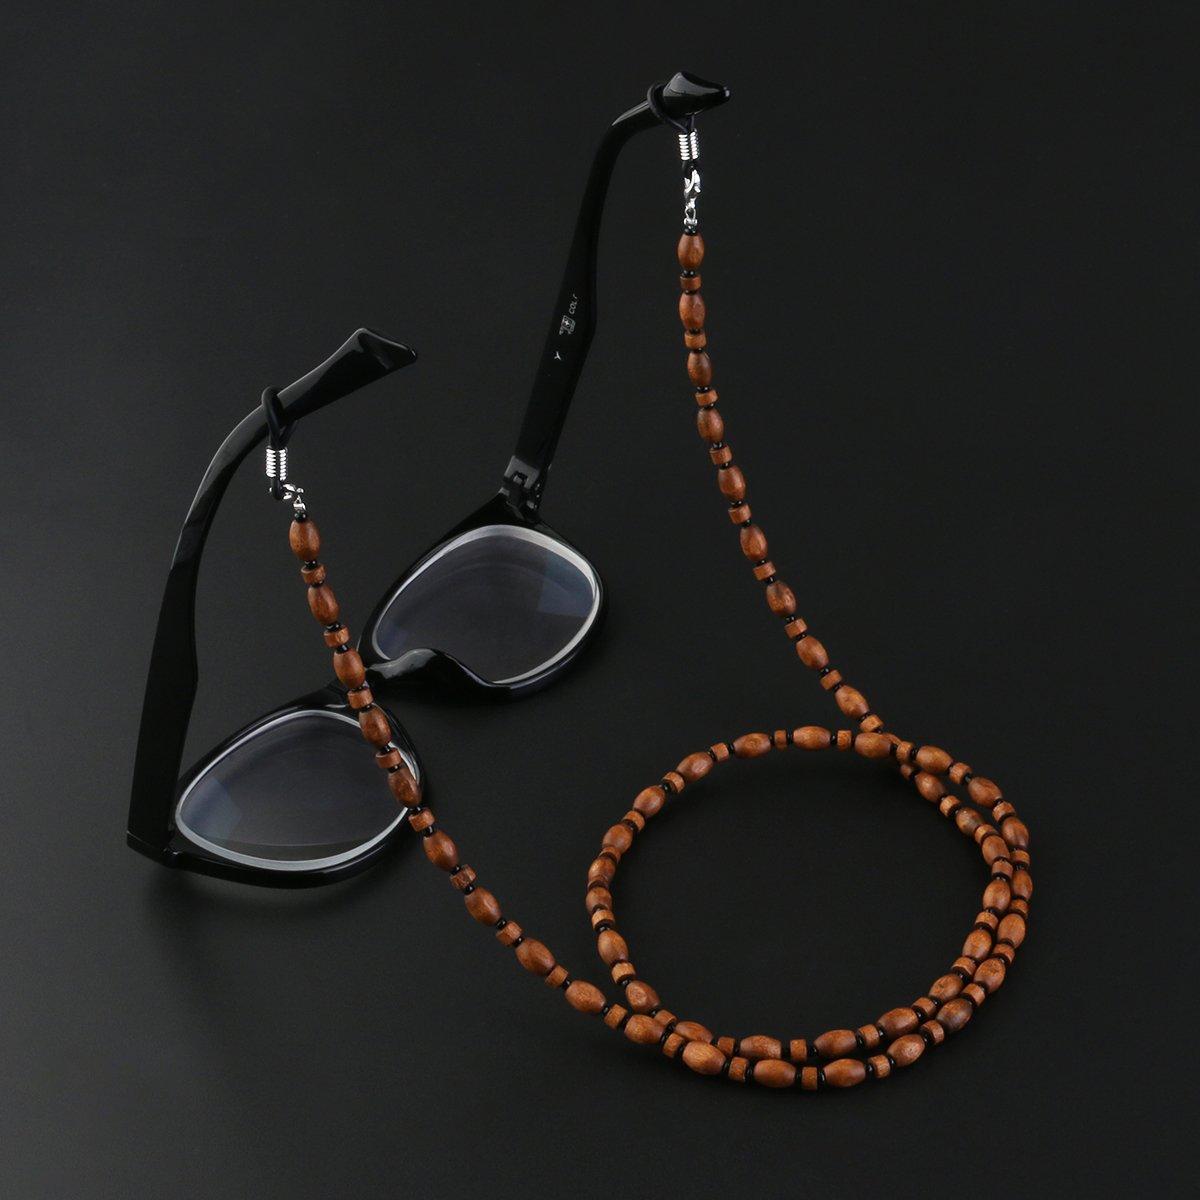 Eyeglass Not Inlcuded UEETEK Handgemachte Vintage Holzperle Brille Sonnenbrille Kette Schnur Hals Kette Holder